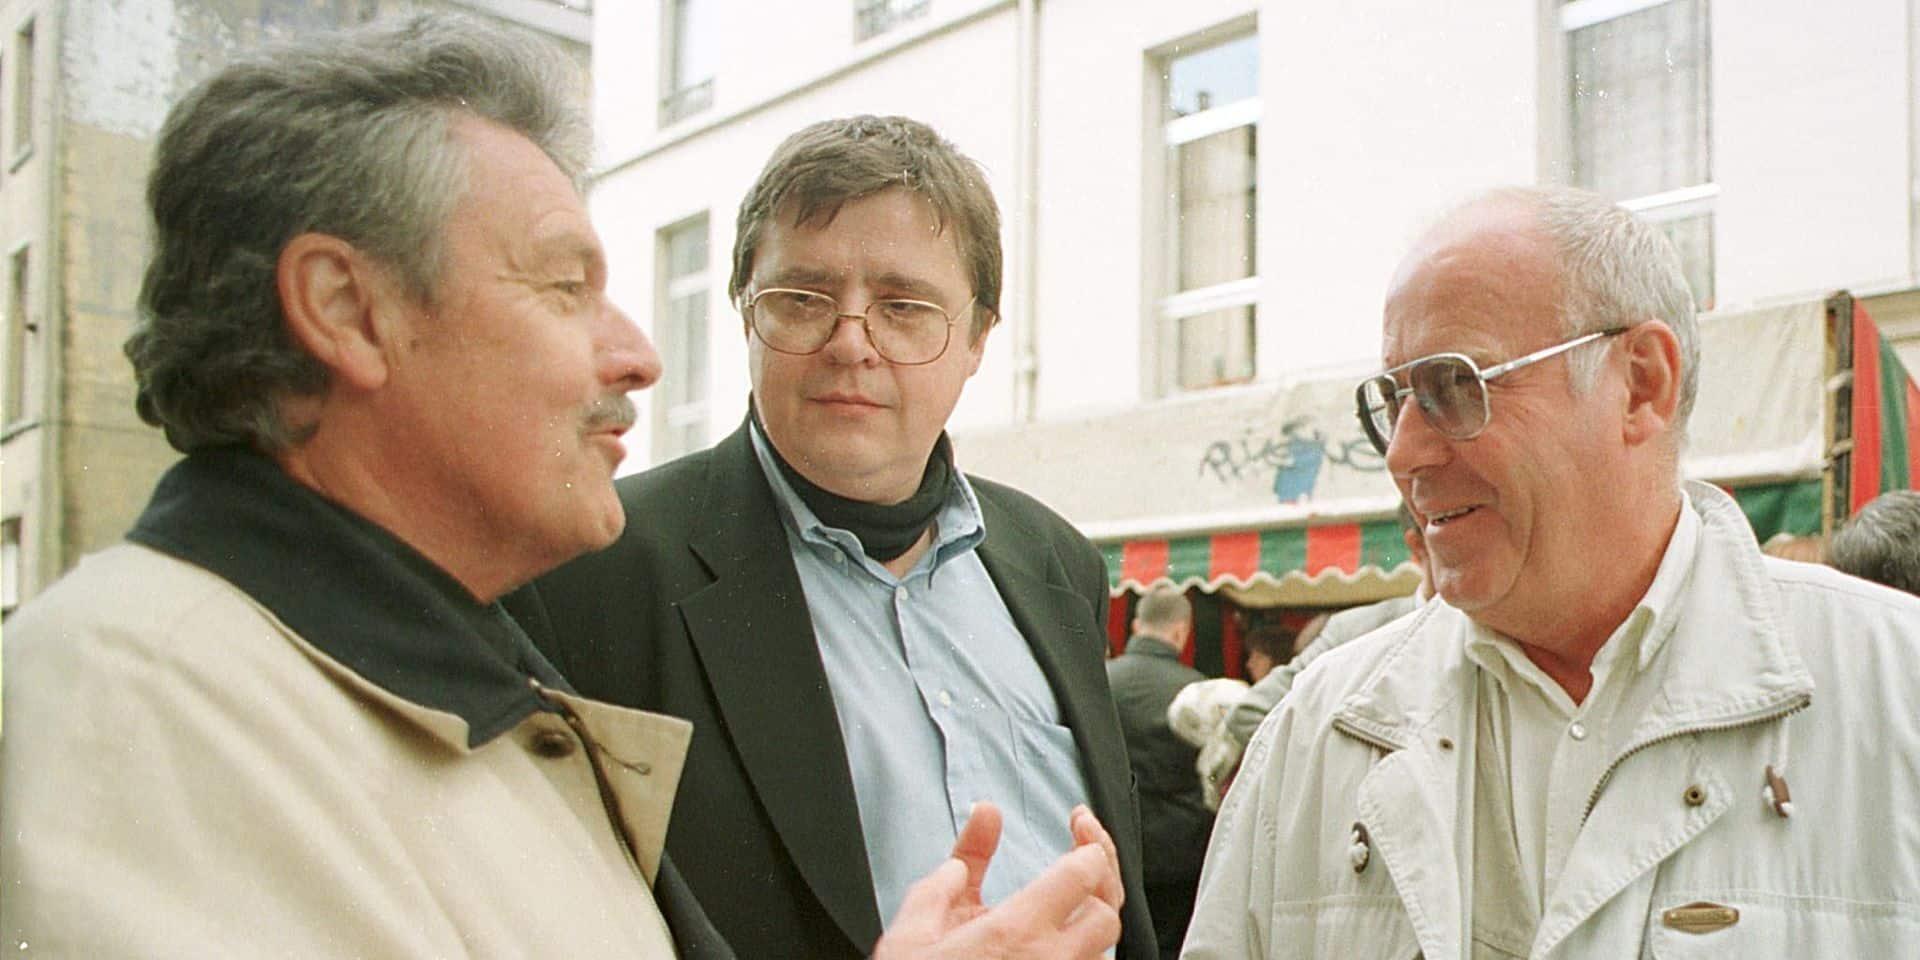 André-Paul Duchateau, père de Ric Hochet, était l'ami public n°1